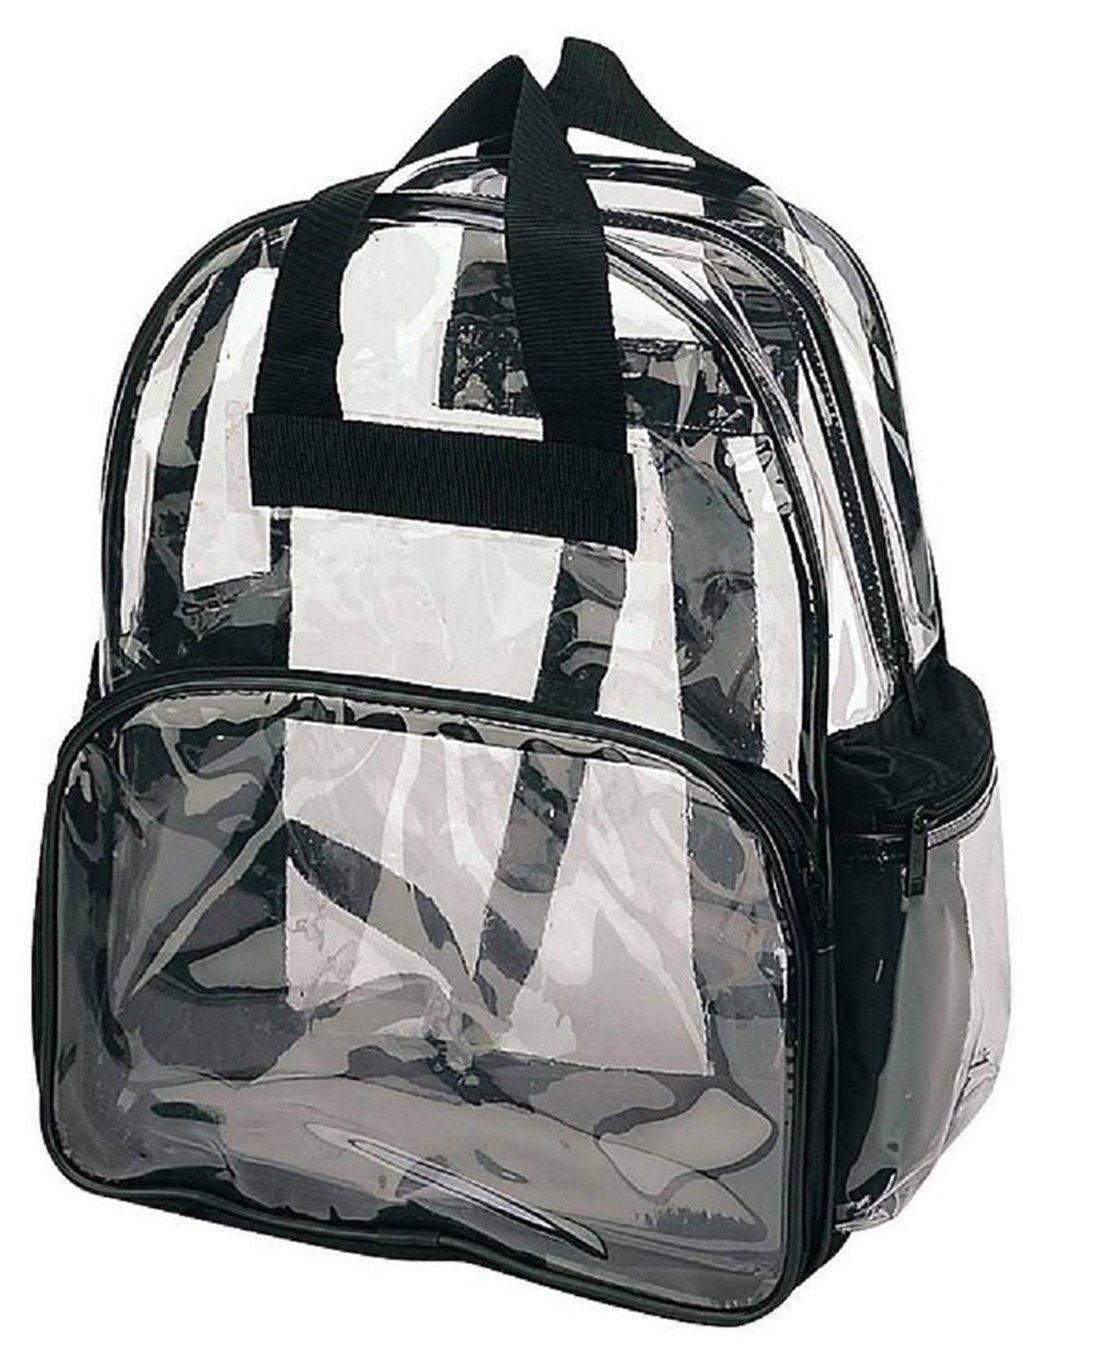 Request Custom Printed Bags - Custom Made Packaging ...